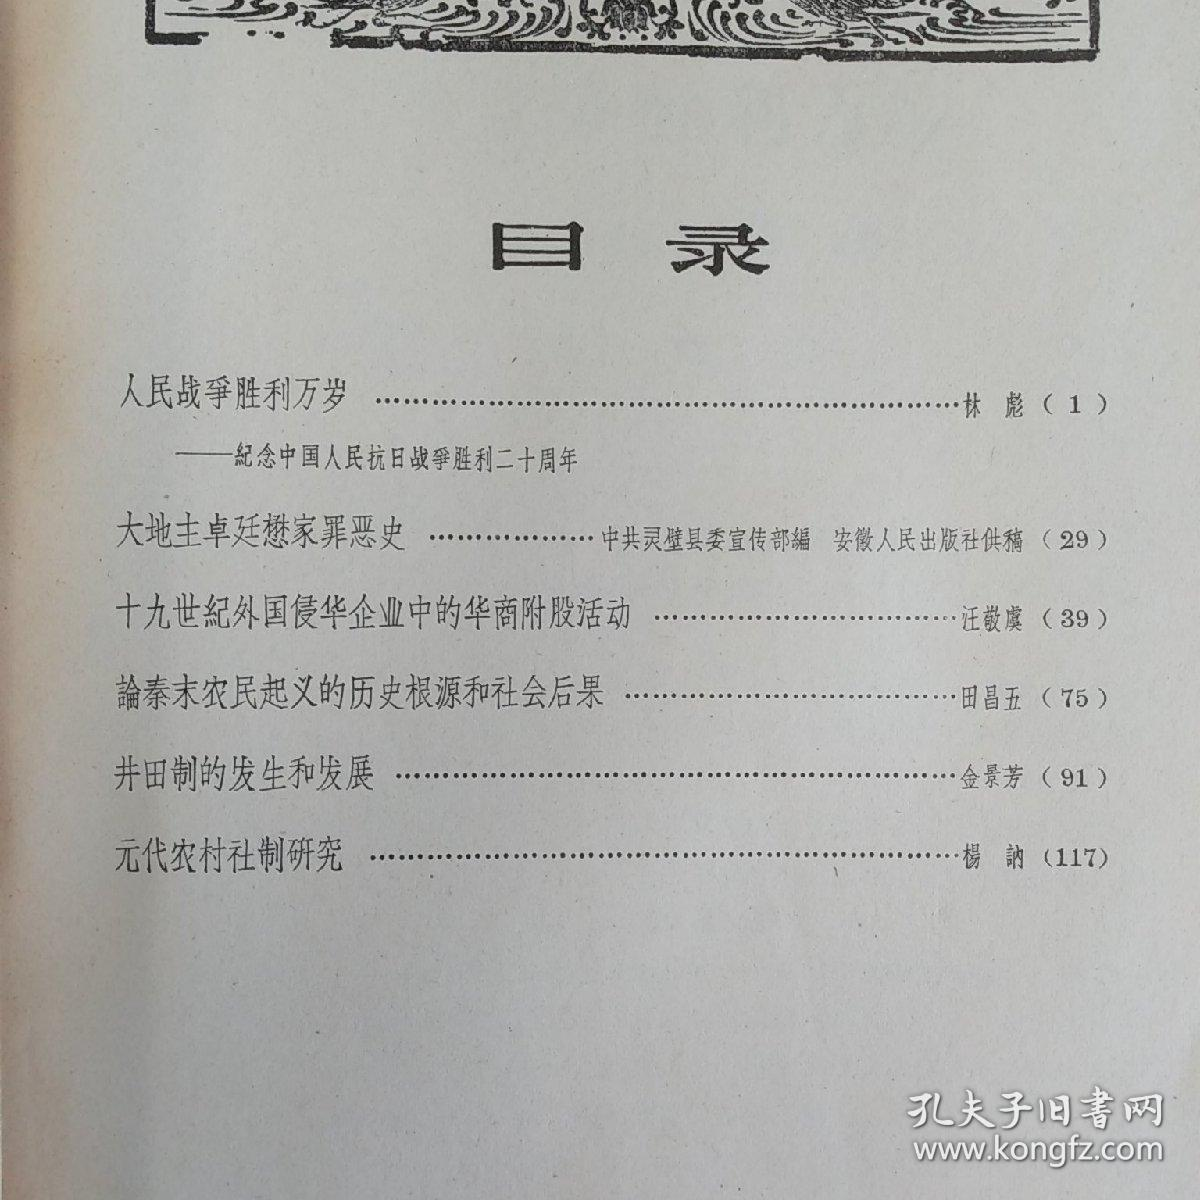 一起卖,含季羡林作文的《原始佛教的先生初中历史》等文章资料这问题一年起源750图片